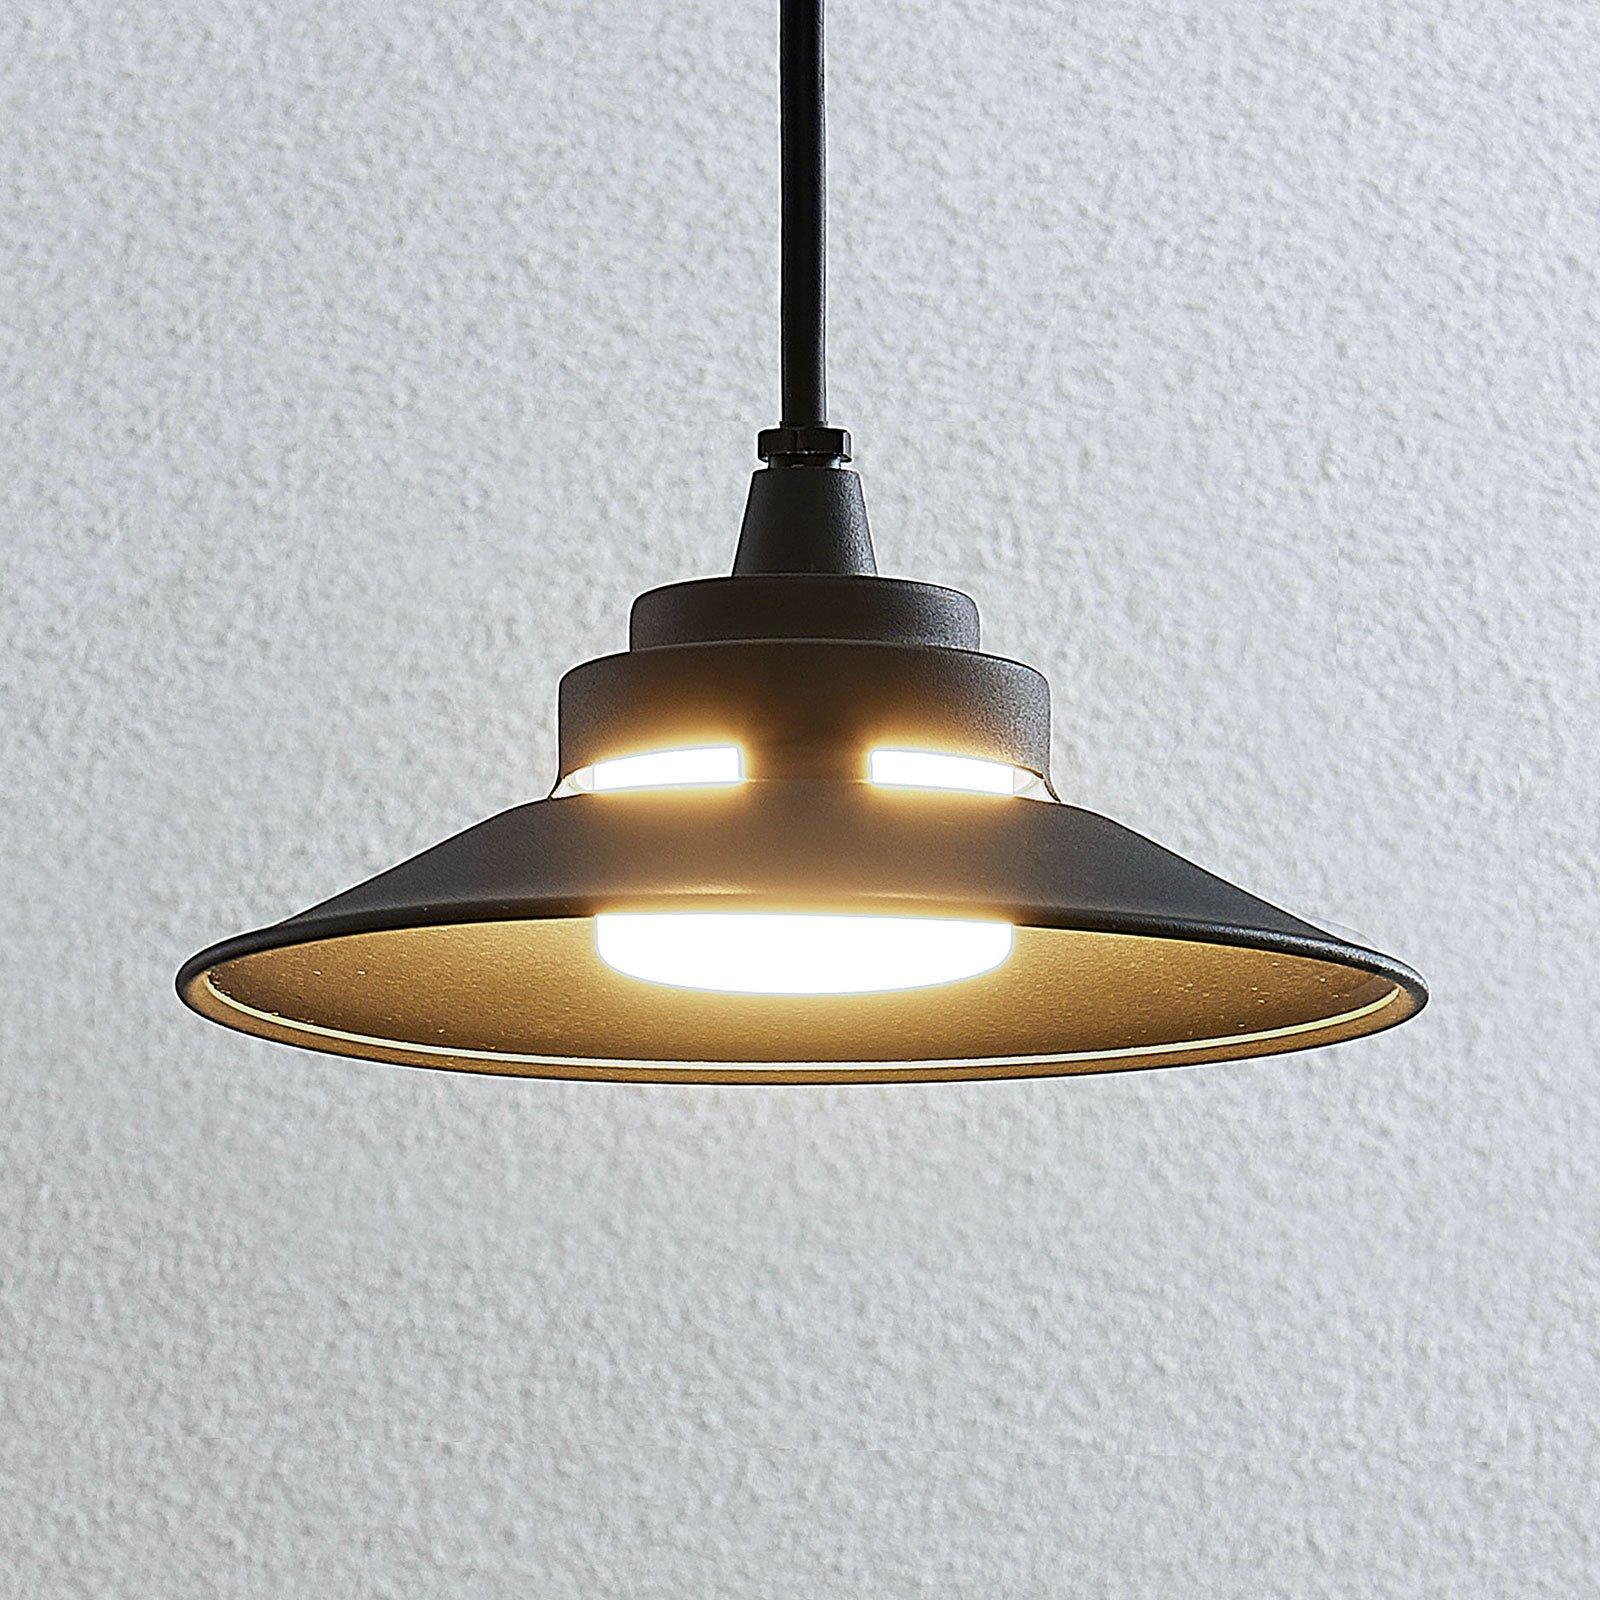 Utendørs LED-vegglampe Cassia, mørkegrå